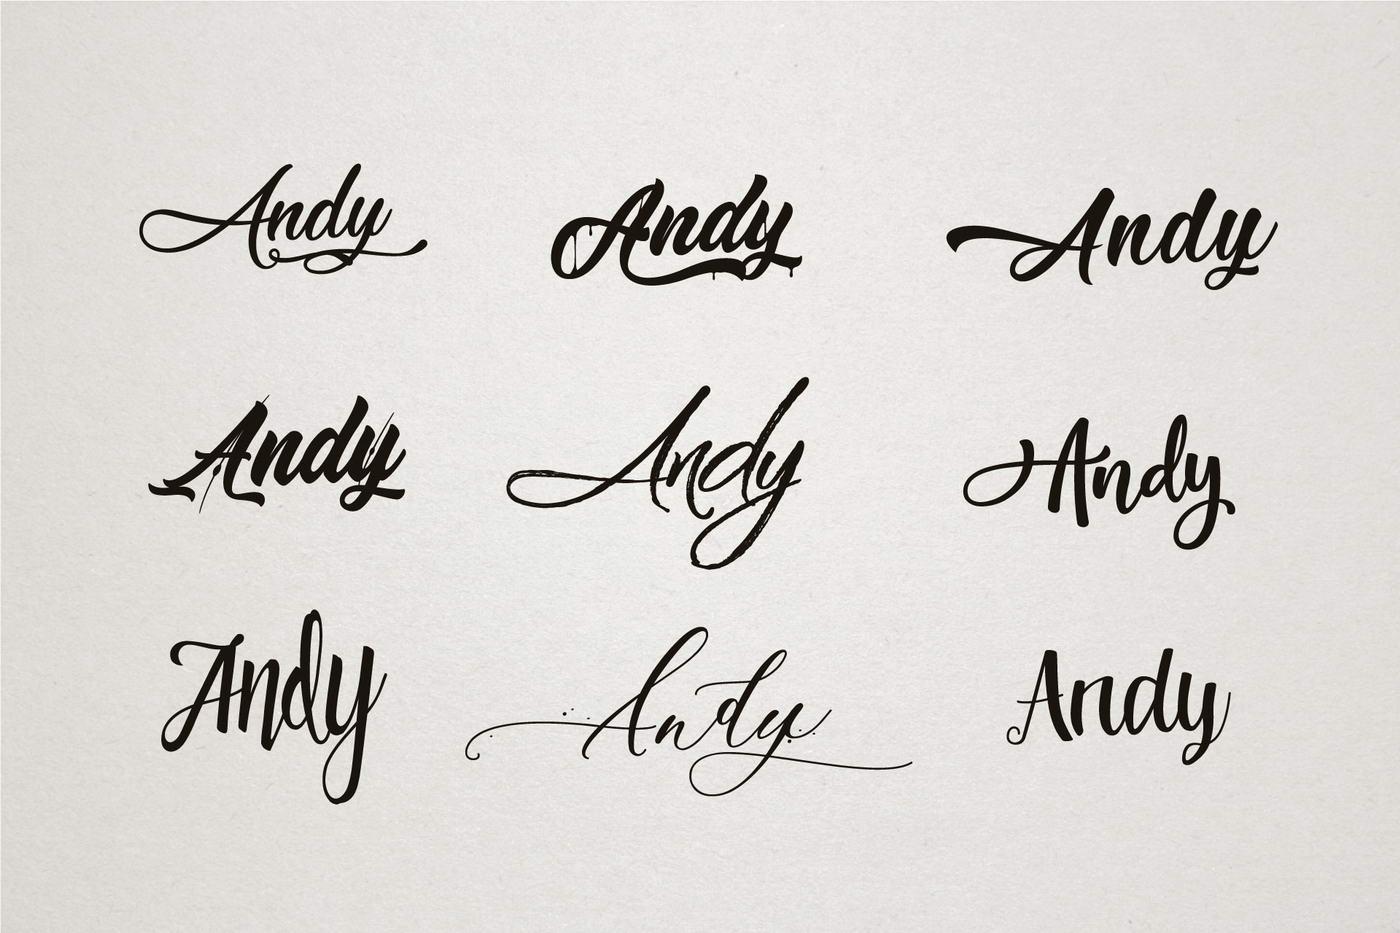 Betűtípus kiválasztás az Andy zenei csoport számára